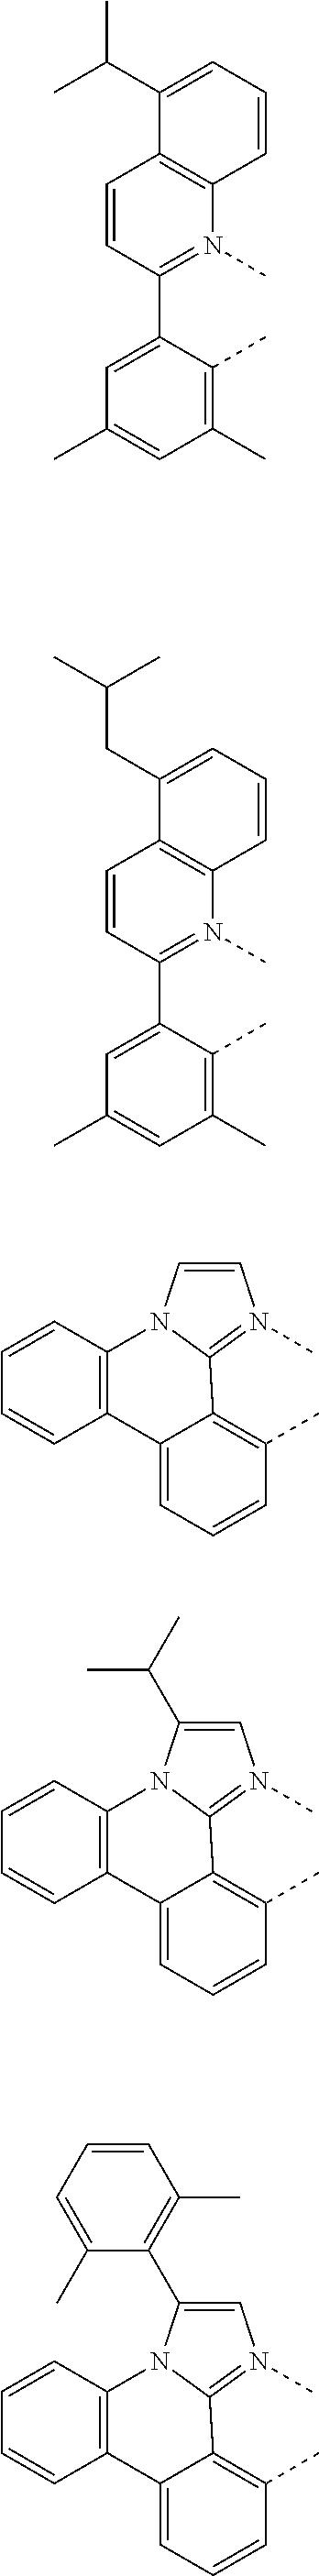 Figure US09773985-20170926-C00268